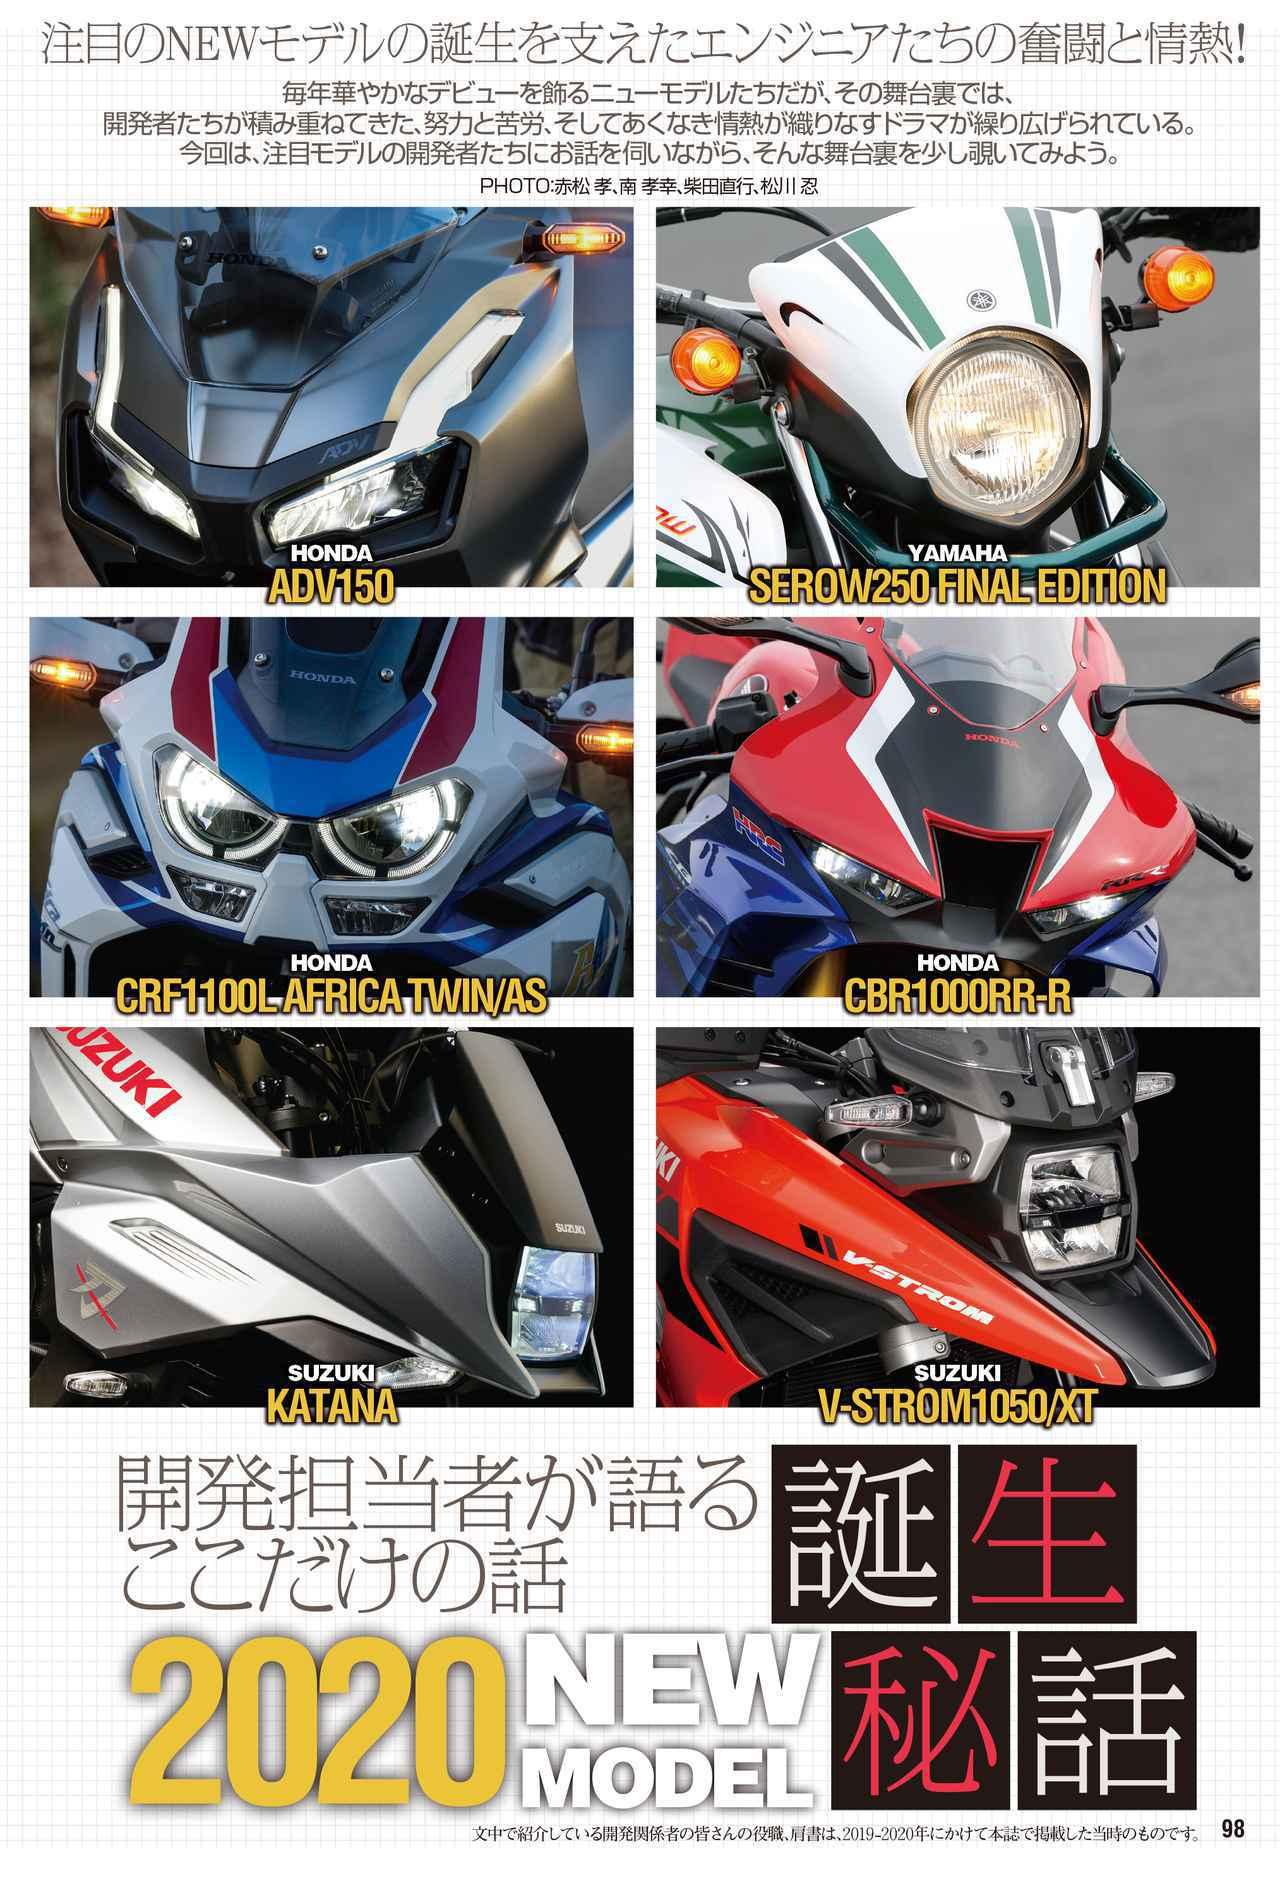 画像1: 3冊セットの特大号!月刊『オートバイ』4月号は2月29日(土)発売! スクープ情報&新型車の試乗インプレが盛りだくさんです!